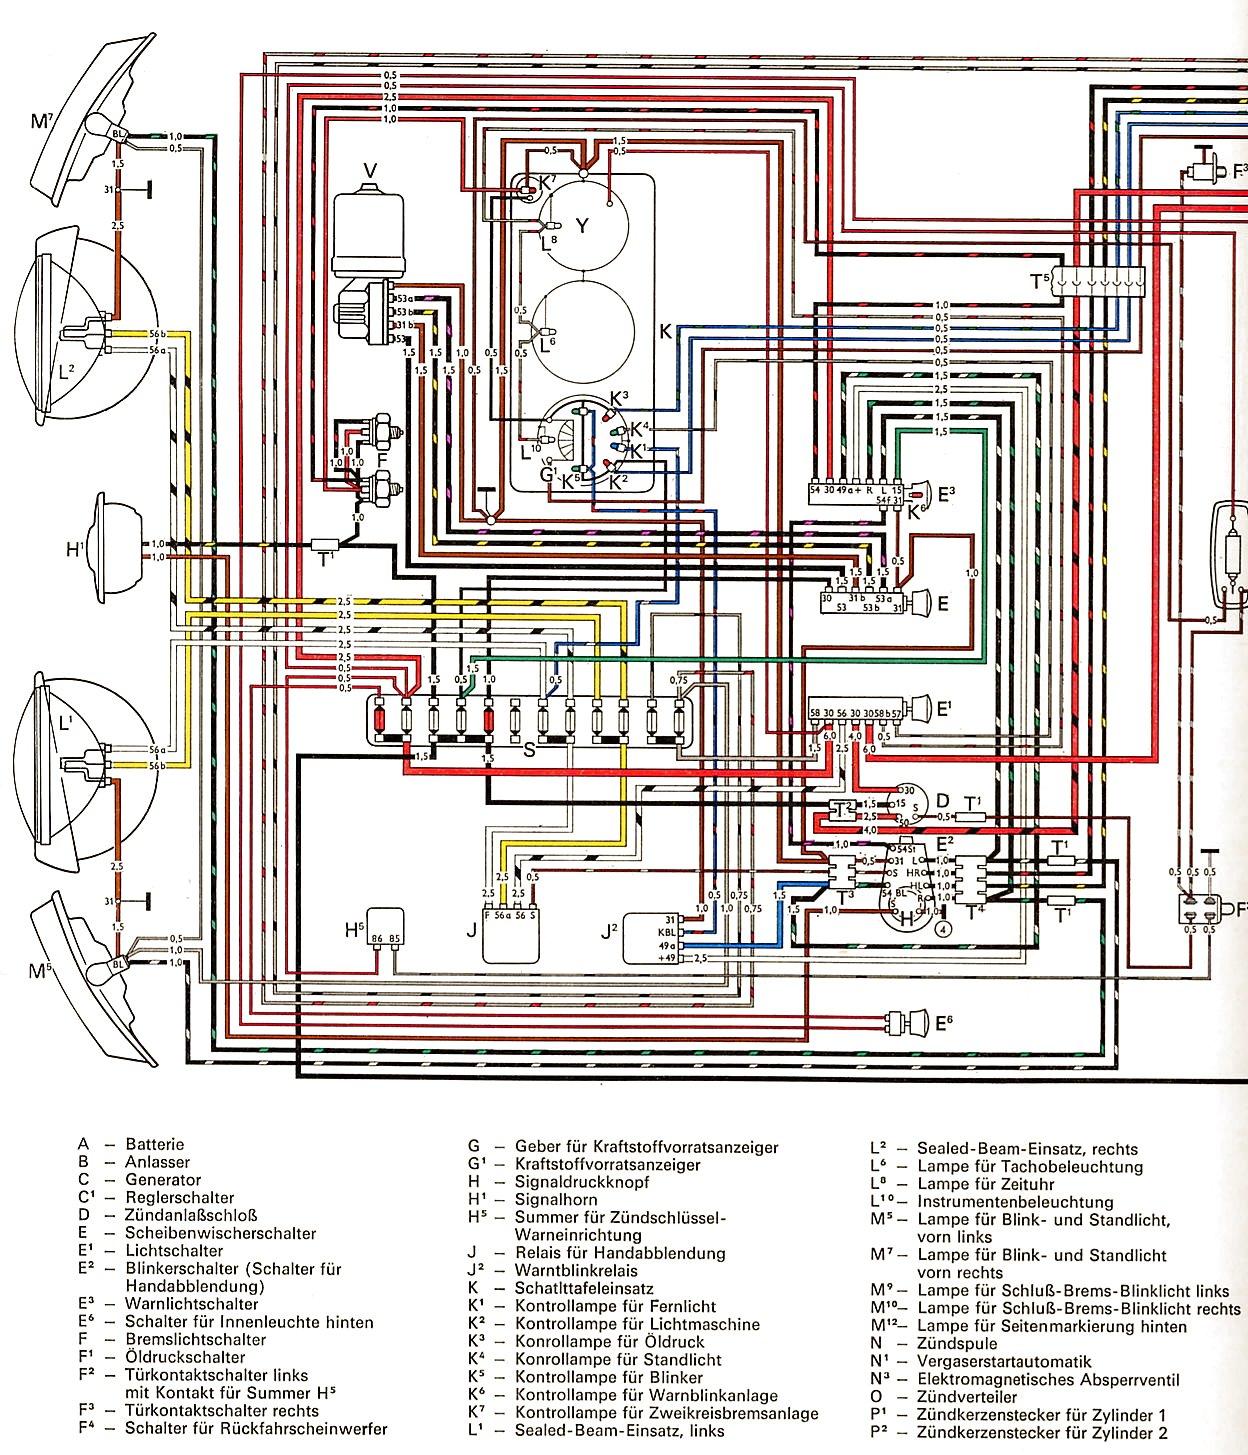 1964 Vw Bus Wiring Diagram Online Schematics 1972 Beetle Engine Ignition 66